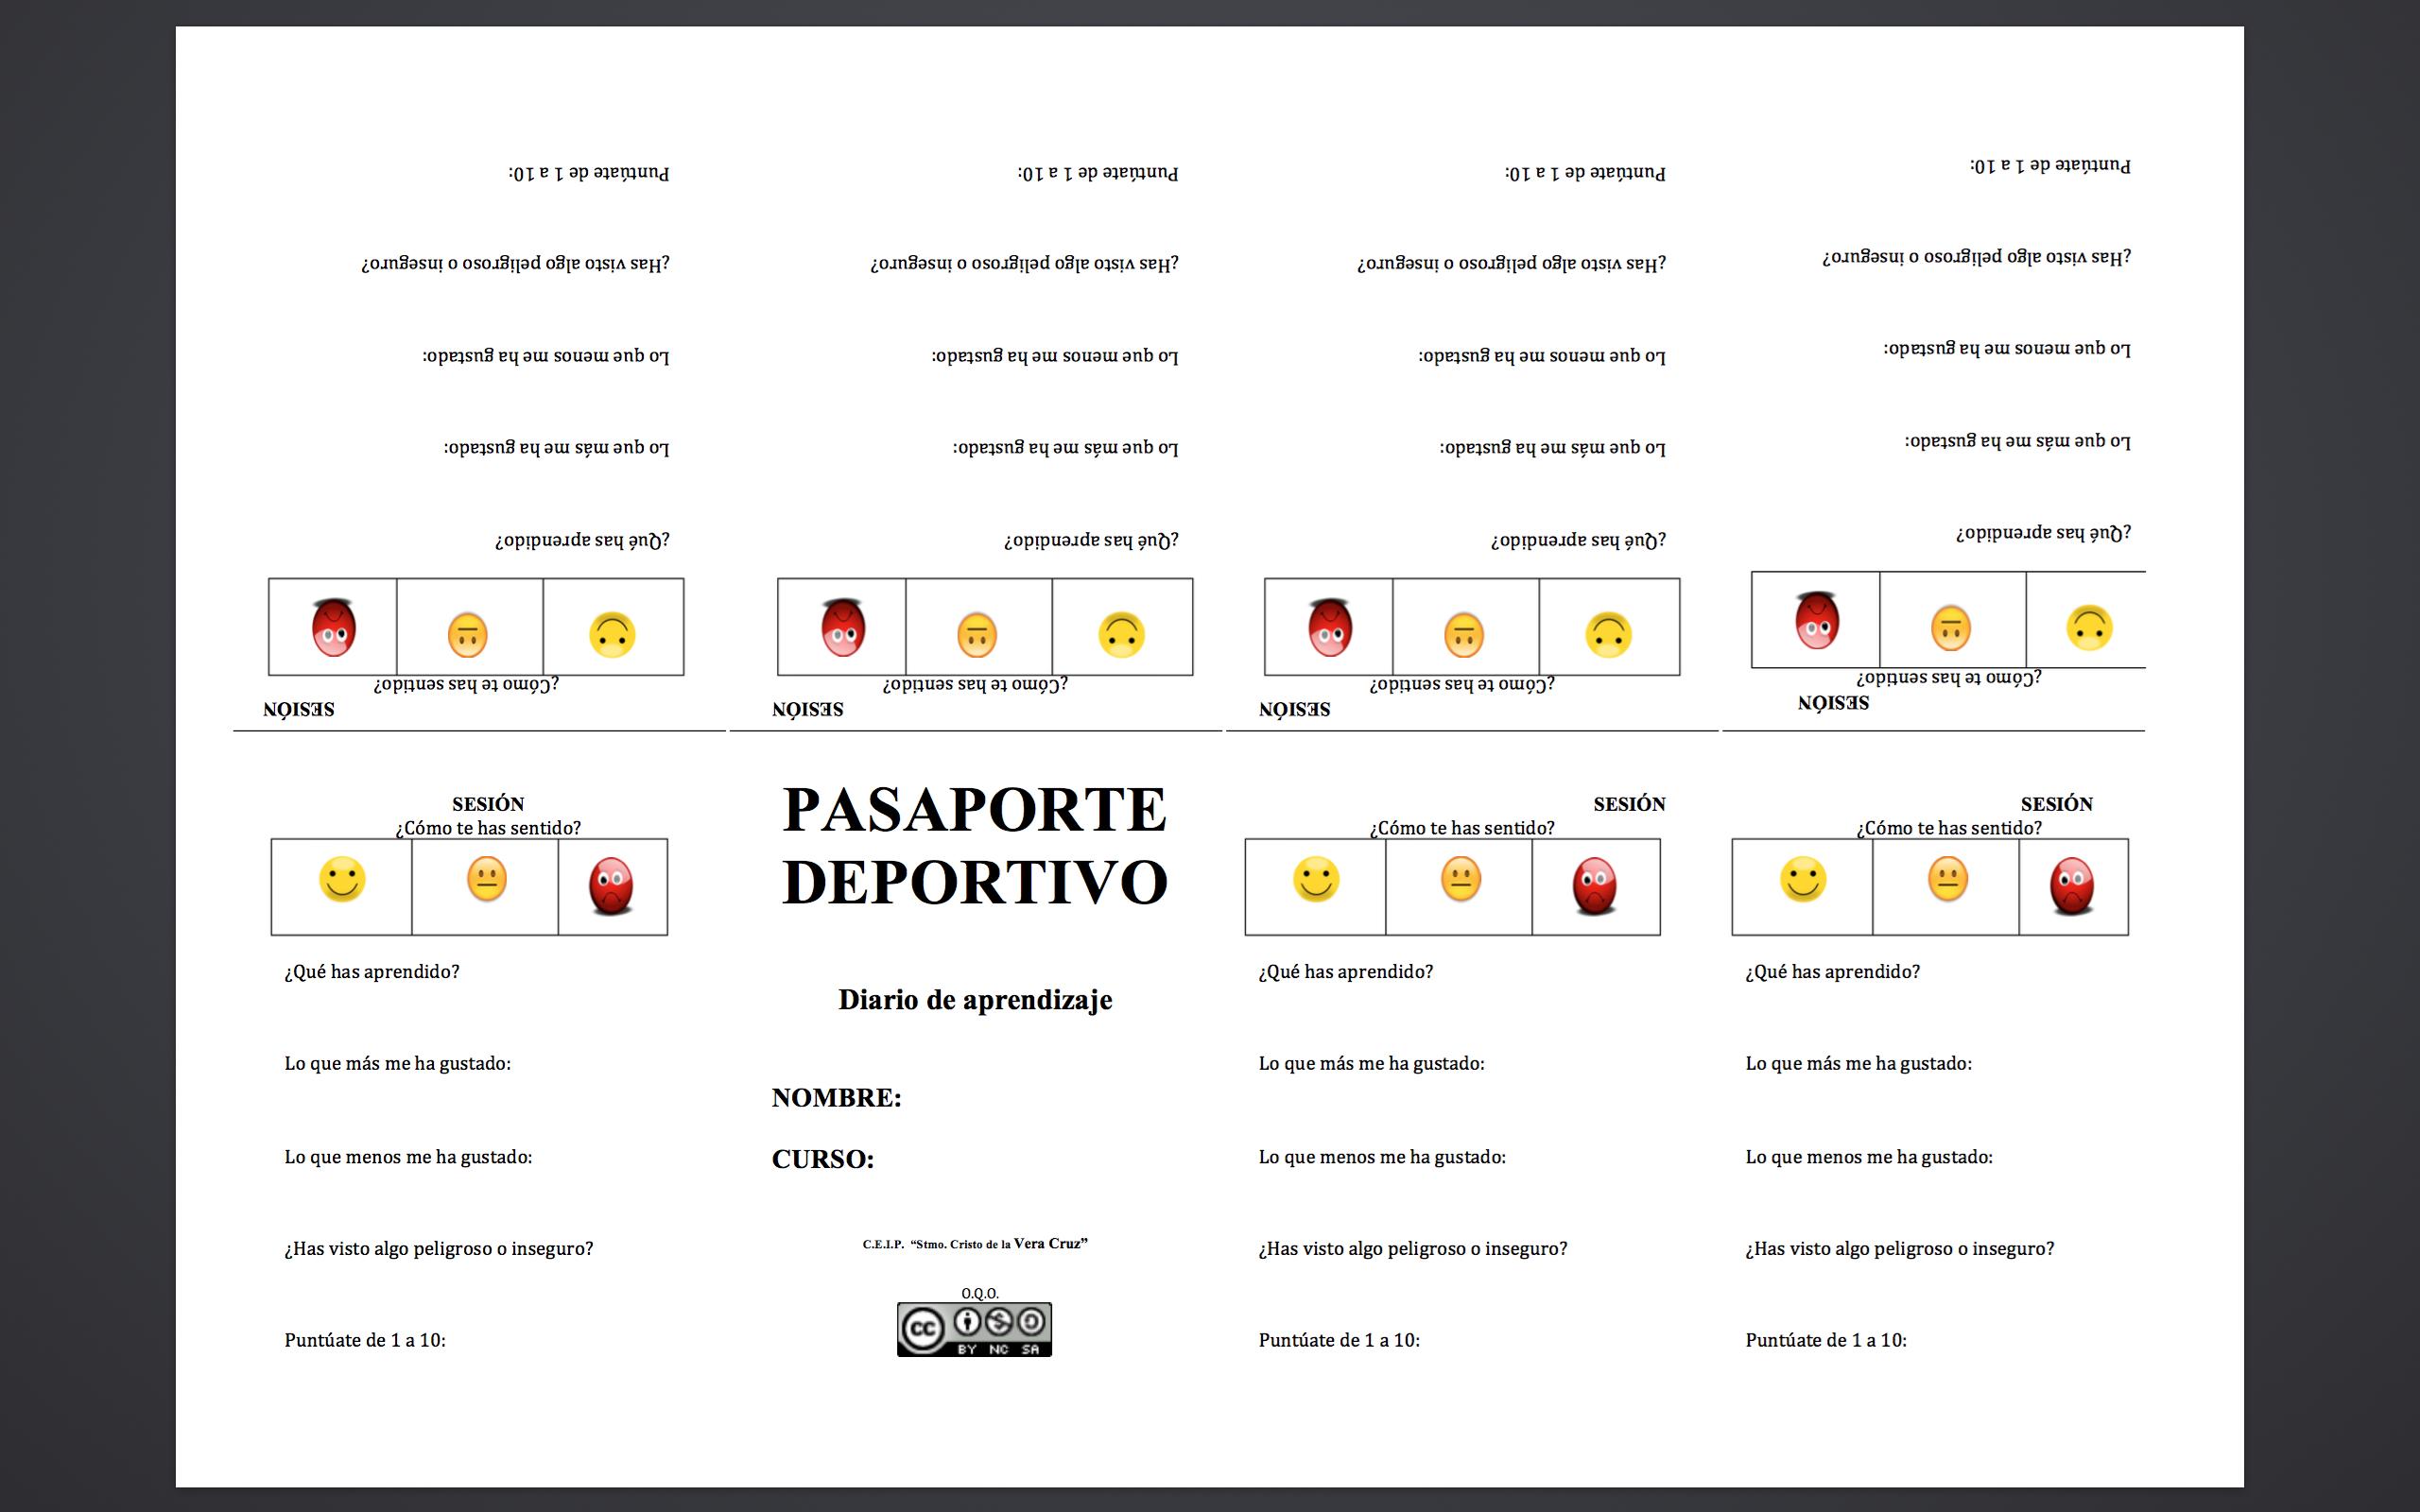 Pasaporte deportivo